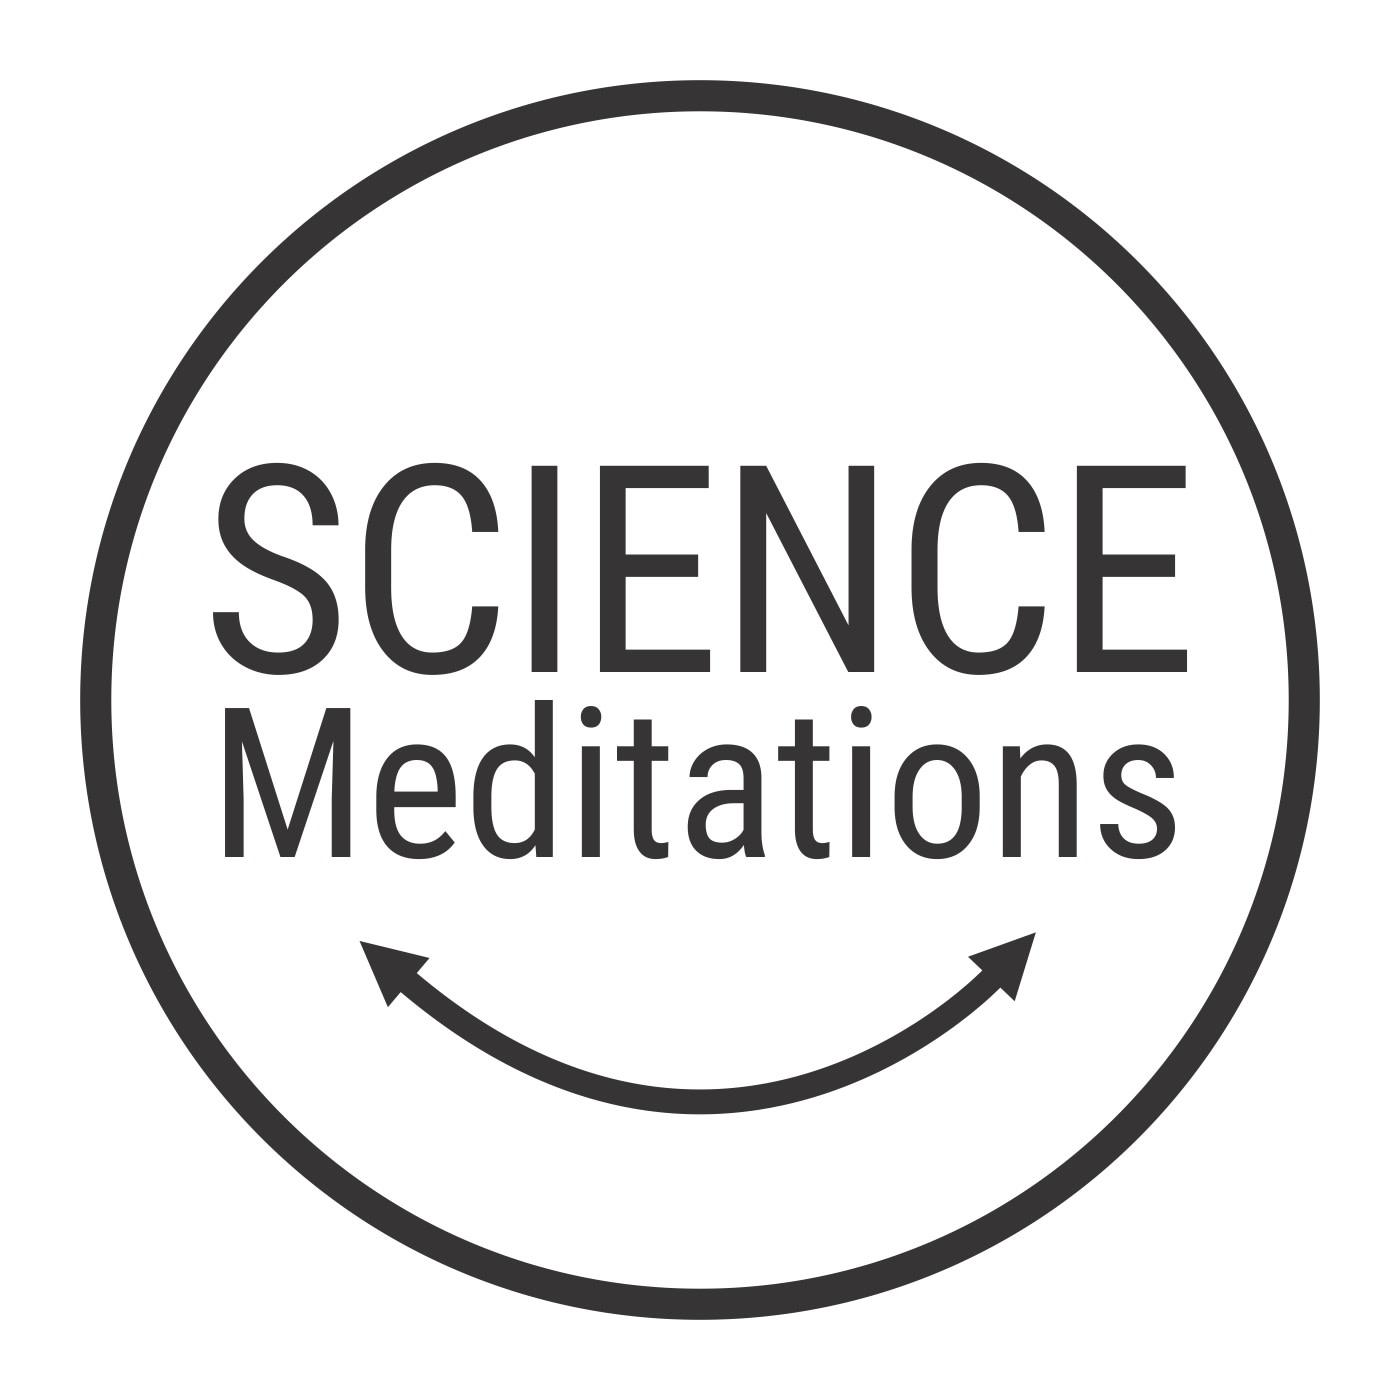 Science Meditations